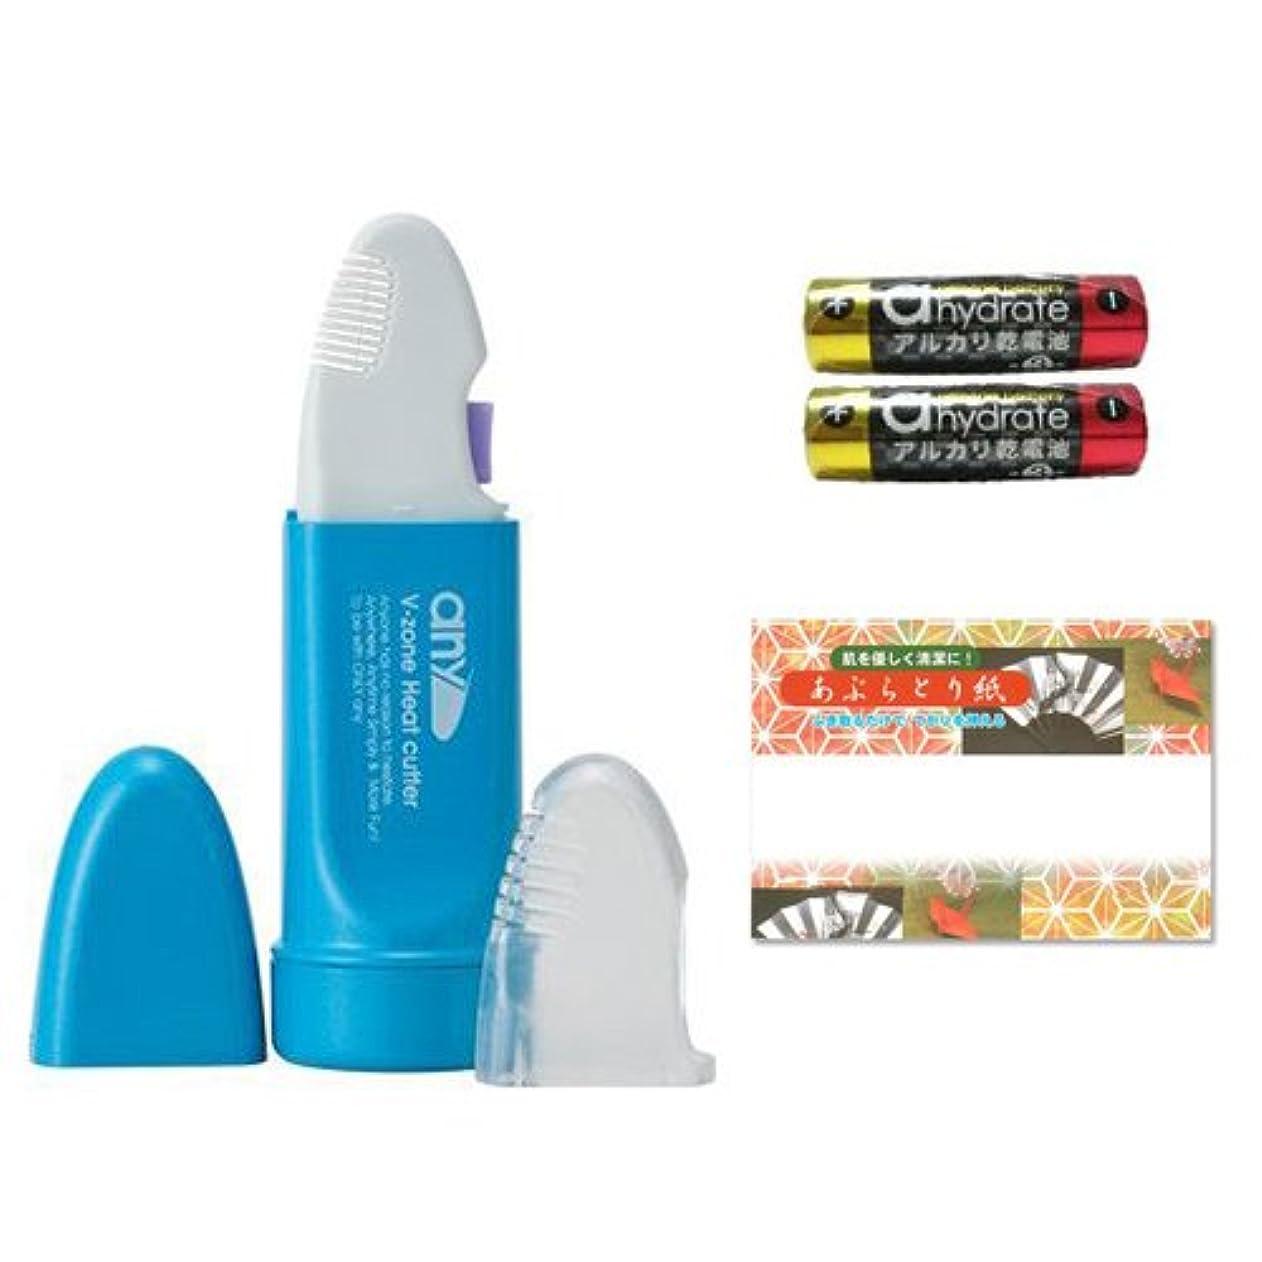 母女将トレイV-Zone Heat Cutter any(エニィ) Stylish マリンブルー + 単3アルカリ電池2本付きセット + あぶらとり紙 付き